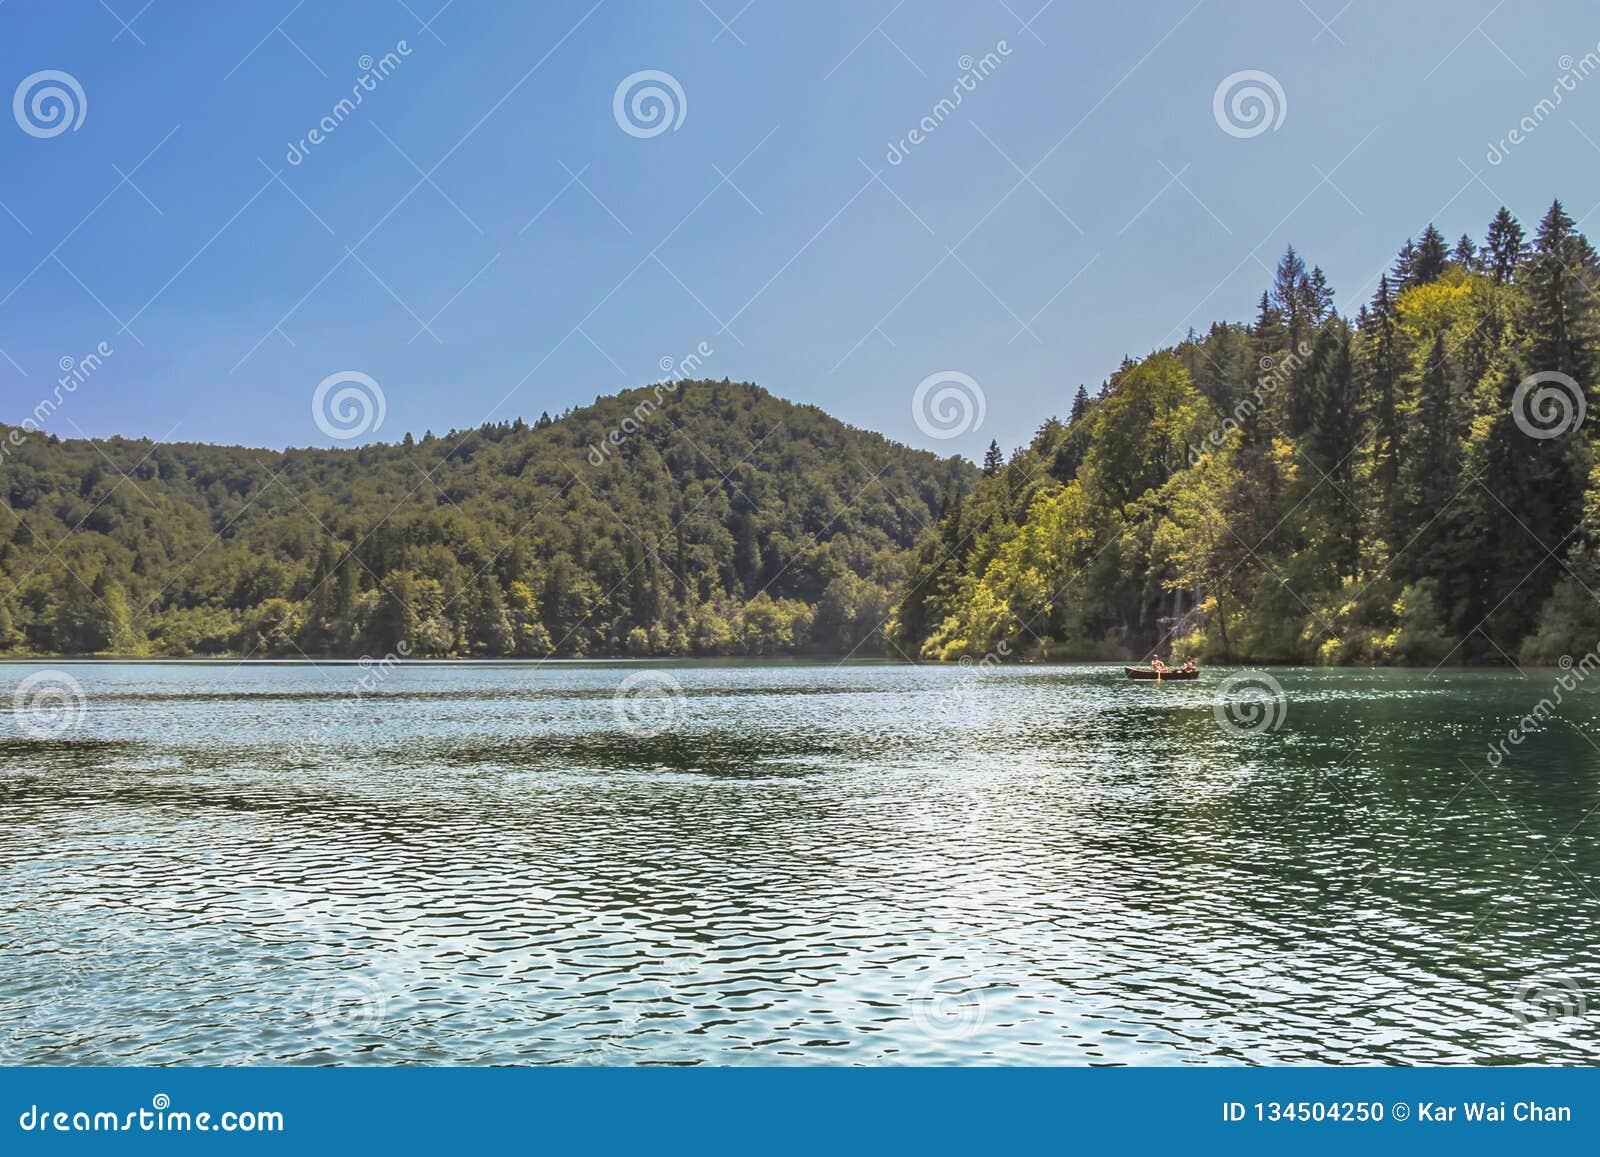 Touristisch, eine Bootsfahrt auf die Seen im Plitvice See-Nationalpark nehmend